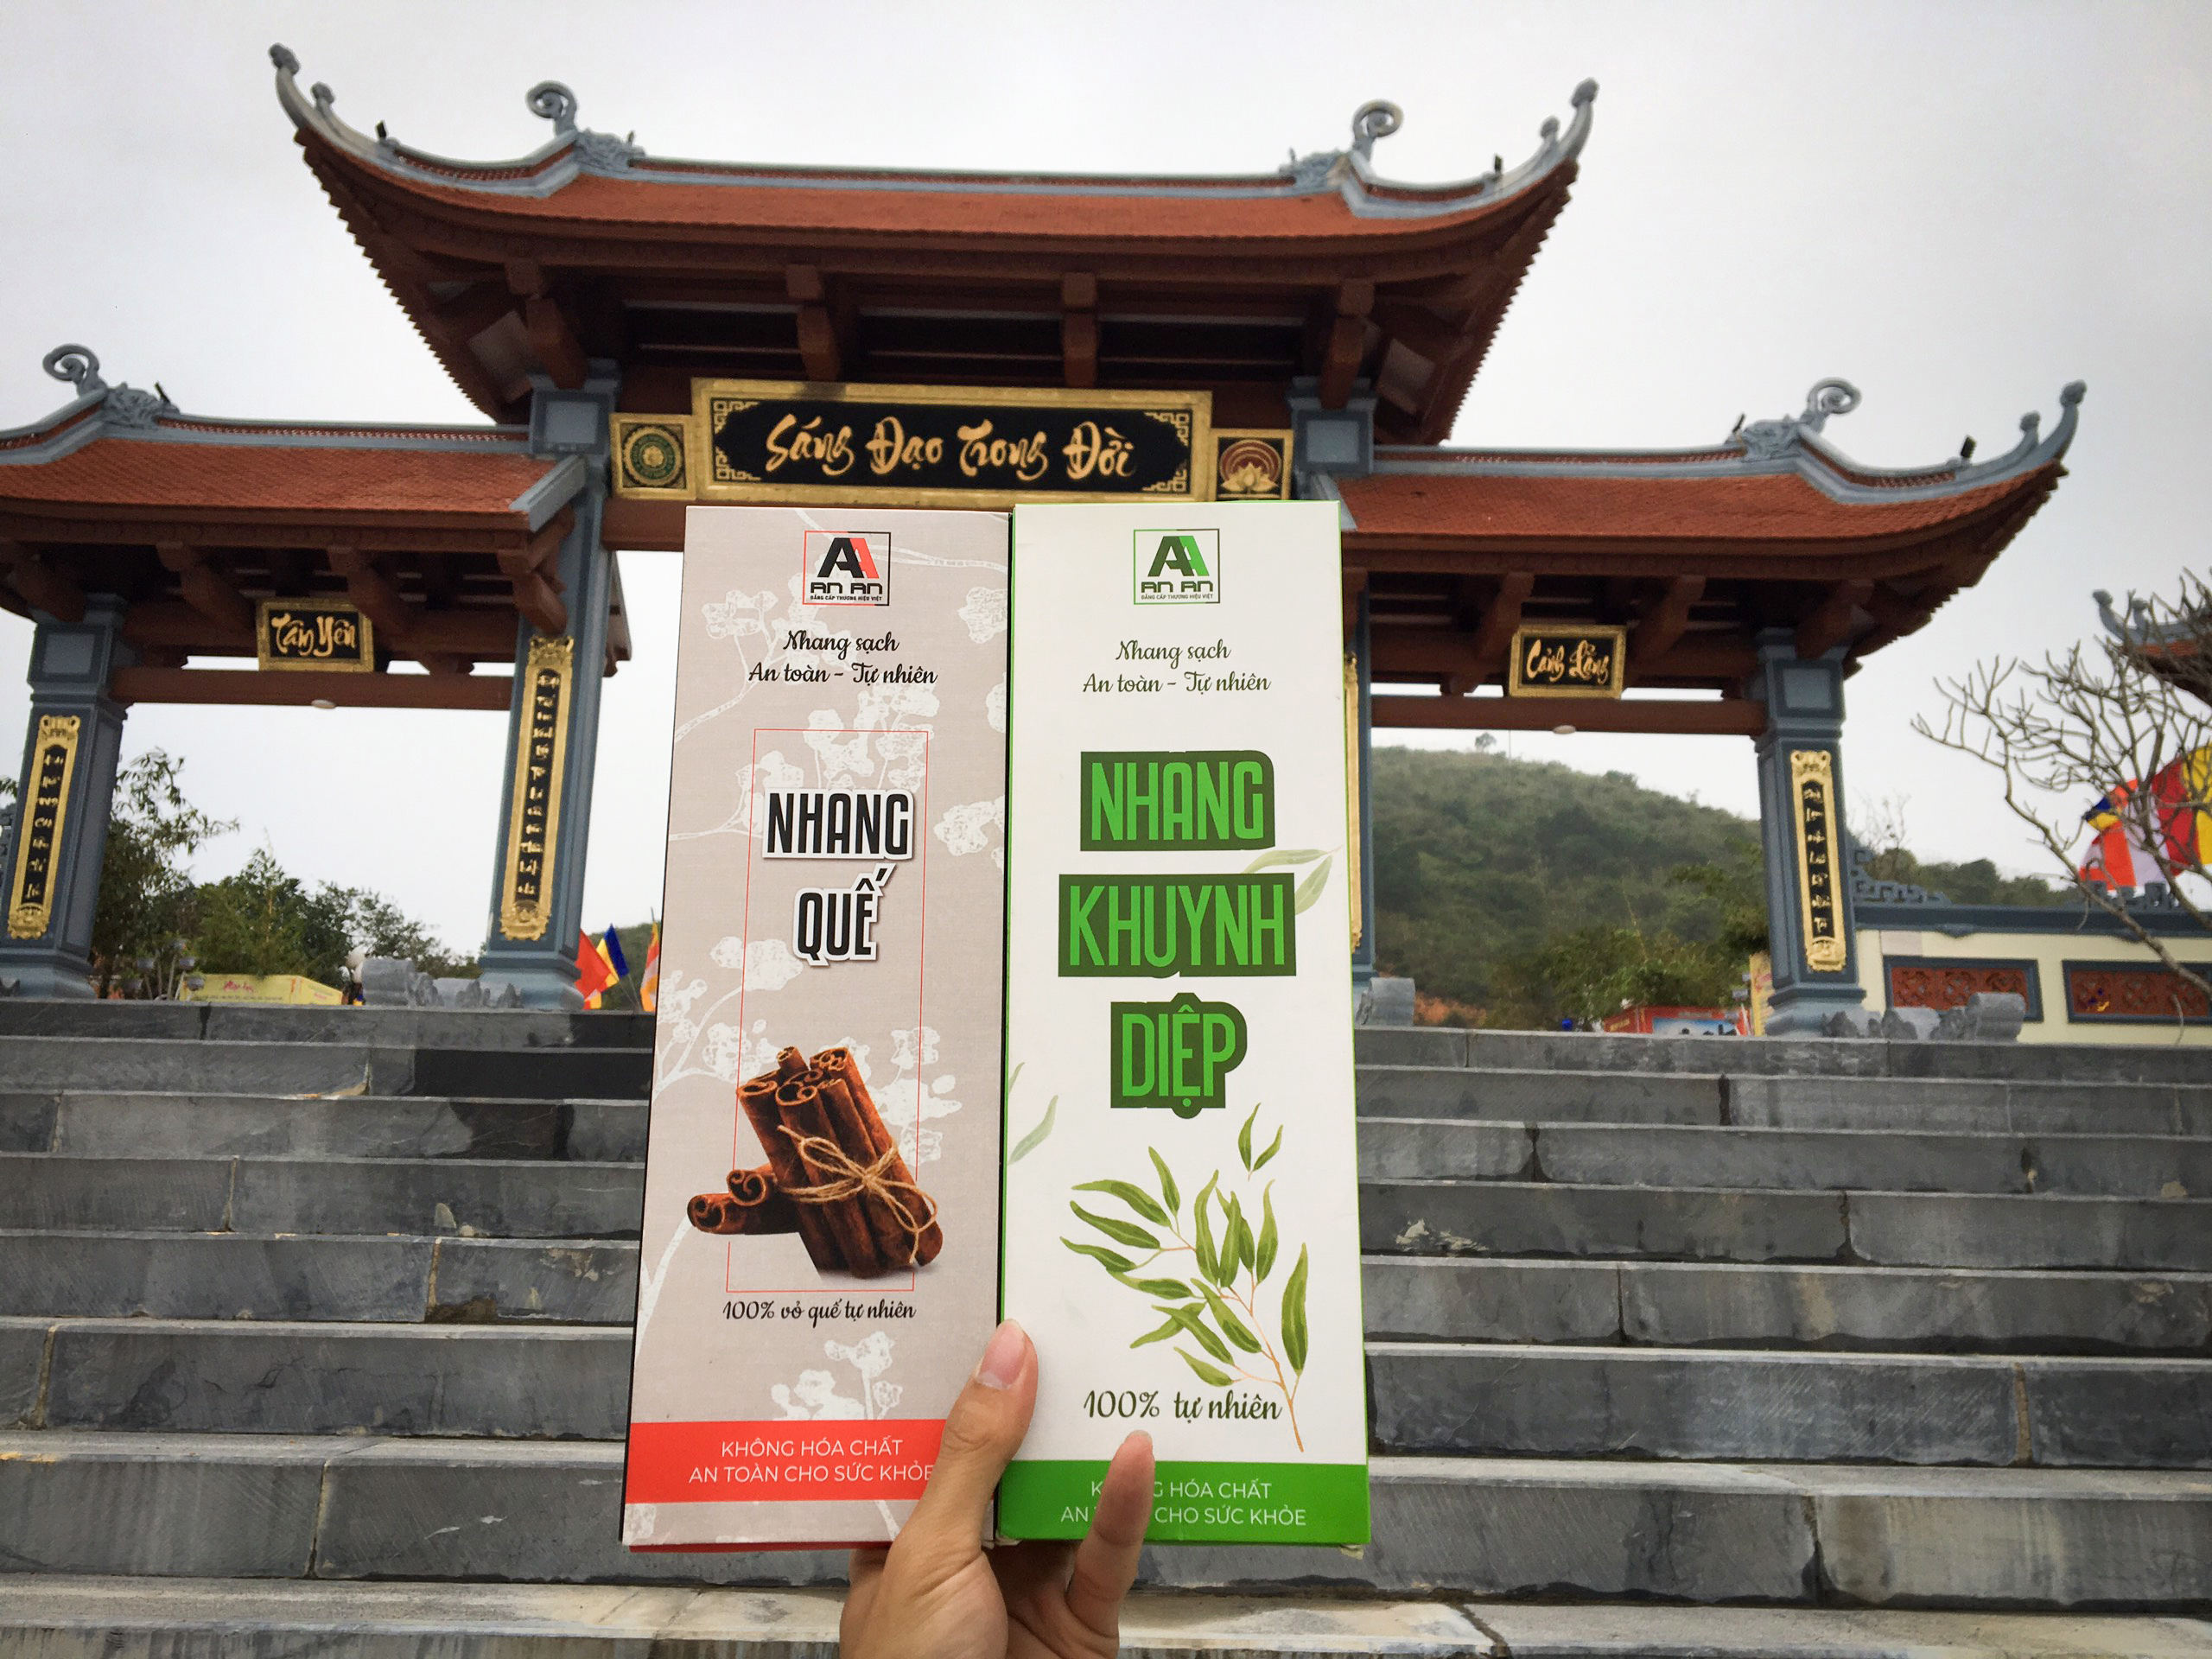 Nhang sạch tự nhiên lưu giữ giá trị truyền thống cùng phát huy giá trị thảo mộc Việt